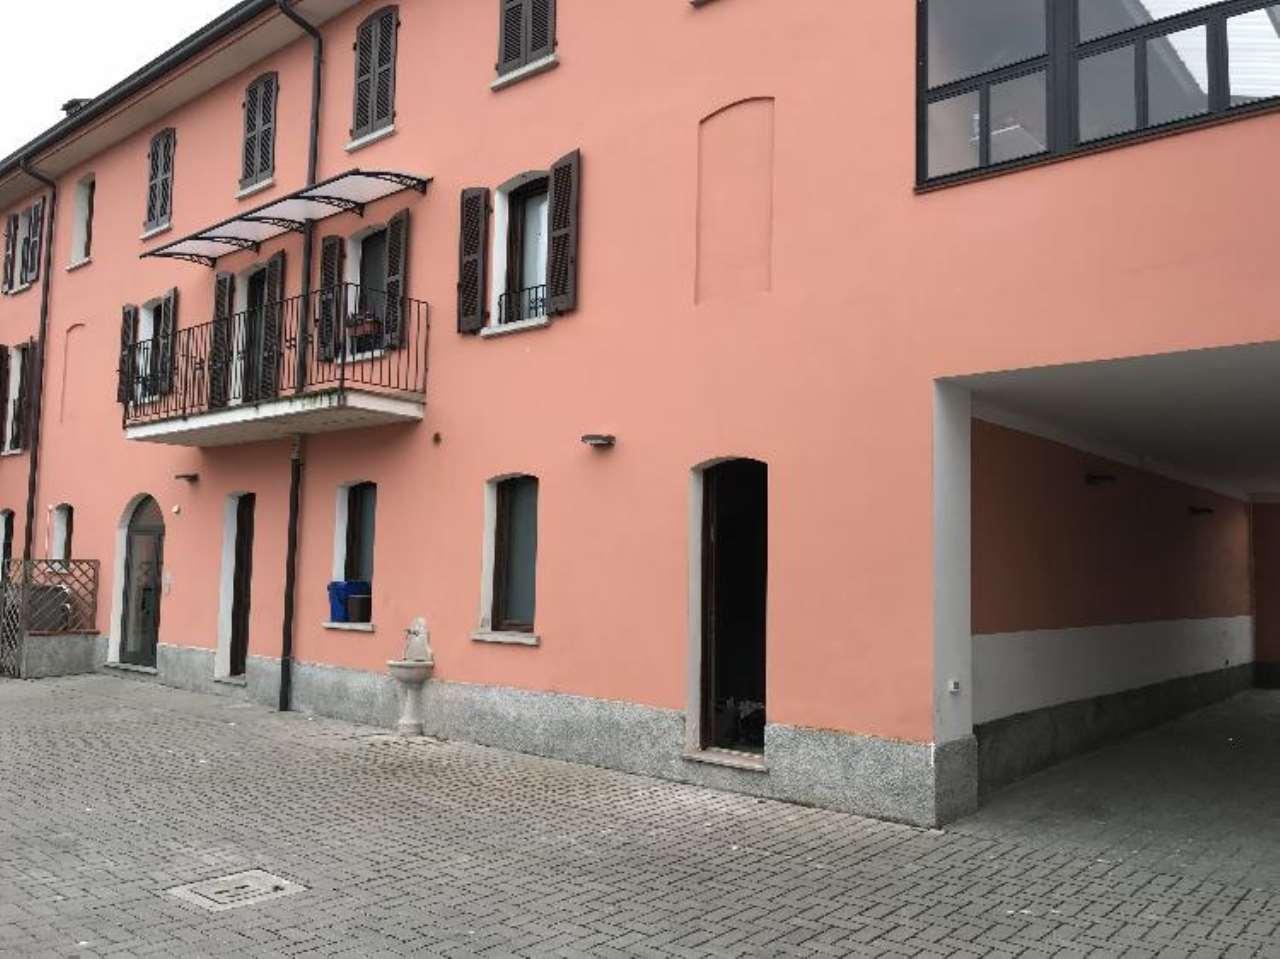 Negozio / Locale in vendita a Malagnino, 2 locali, prezzo € 65.000 | CambioCasa.it